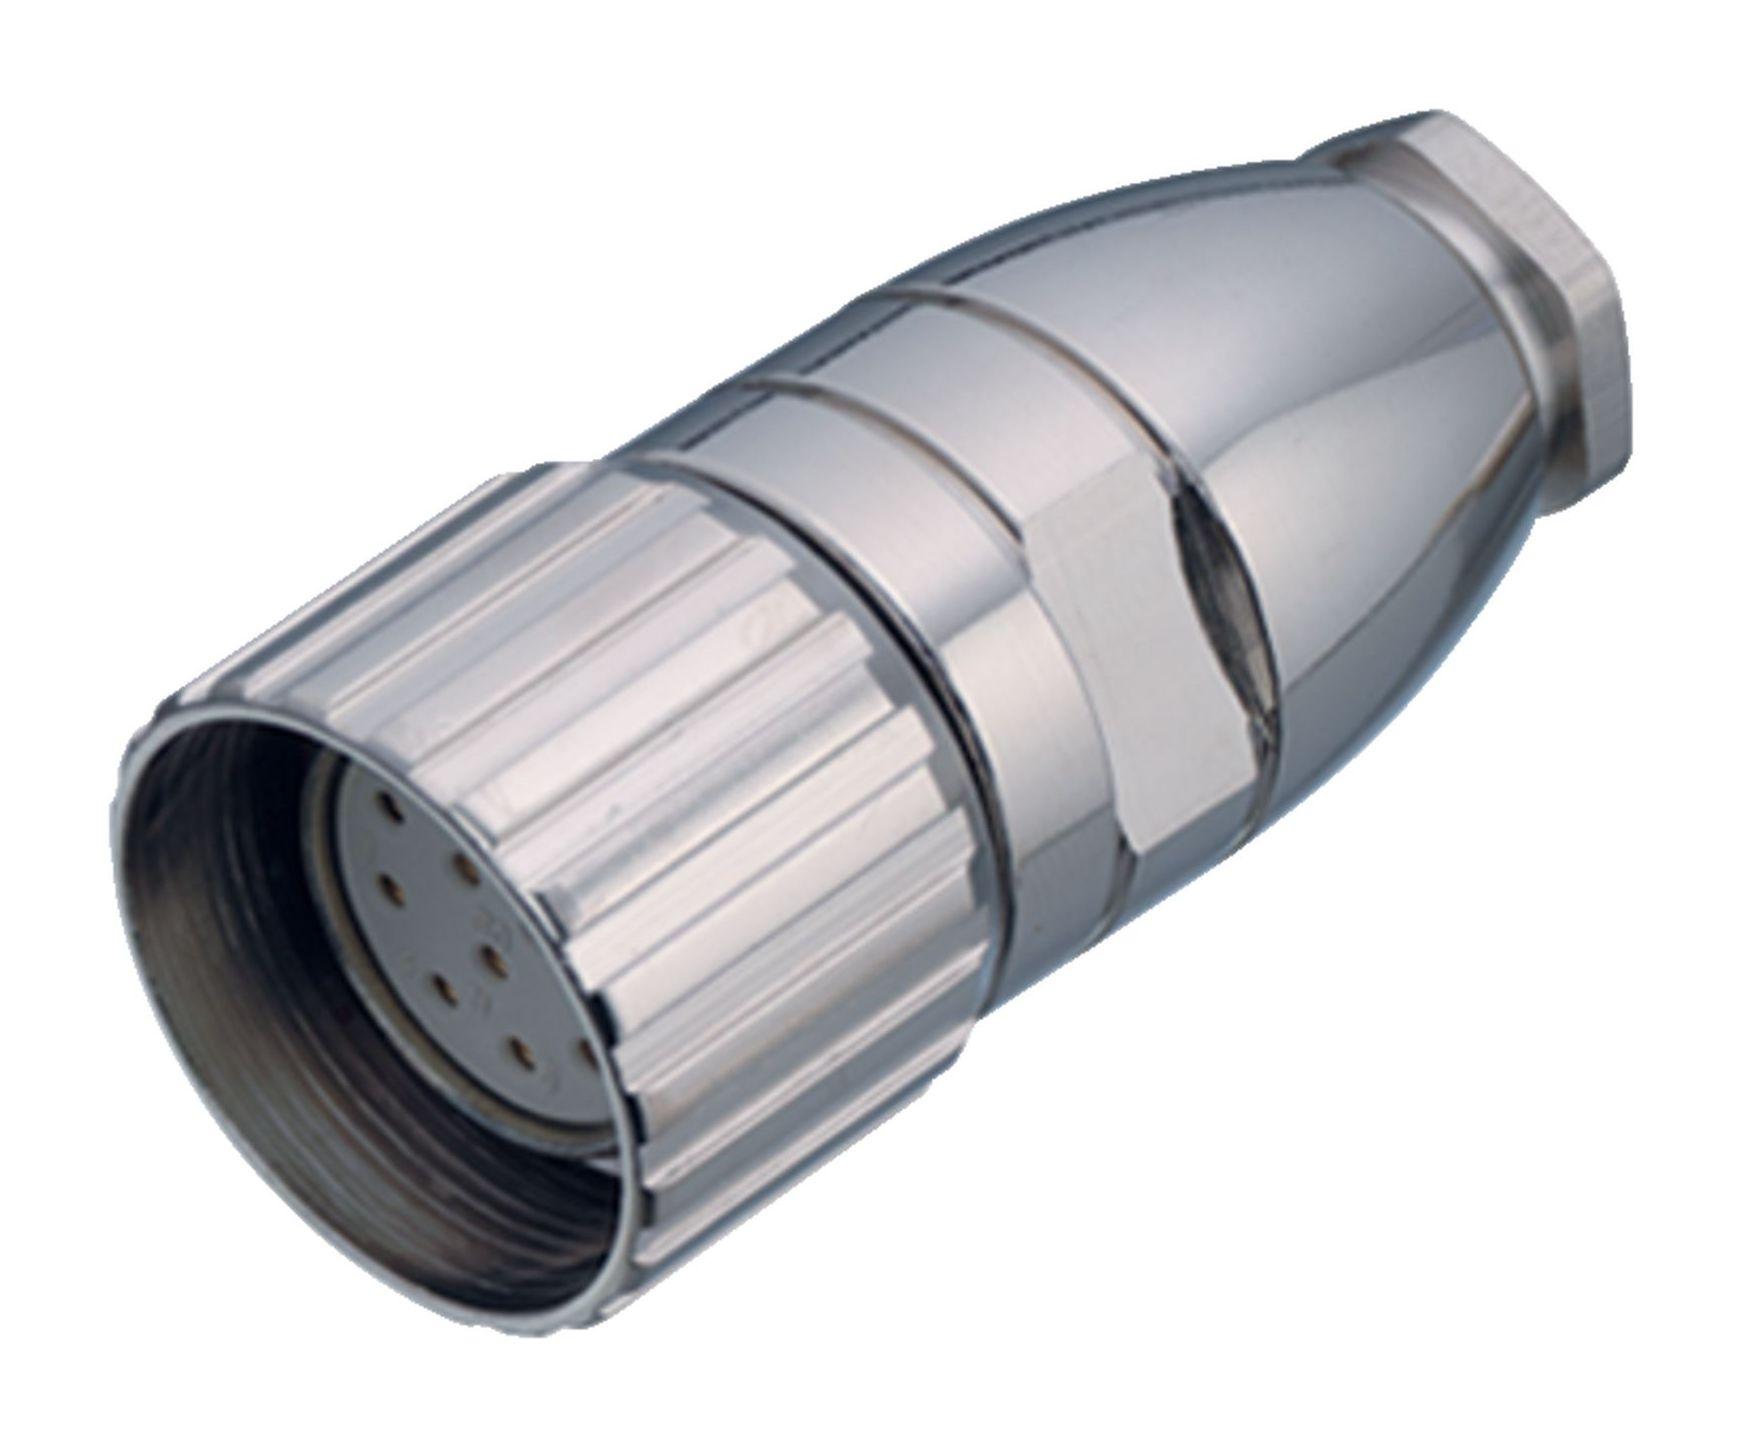 M23 Kabeldose mit Schraubverriegelung und Lötanschluss - binder